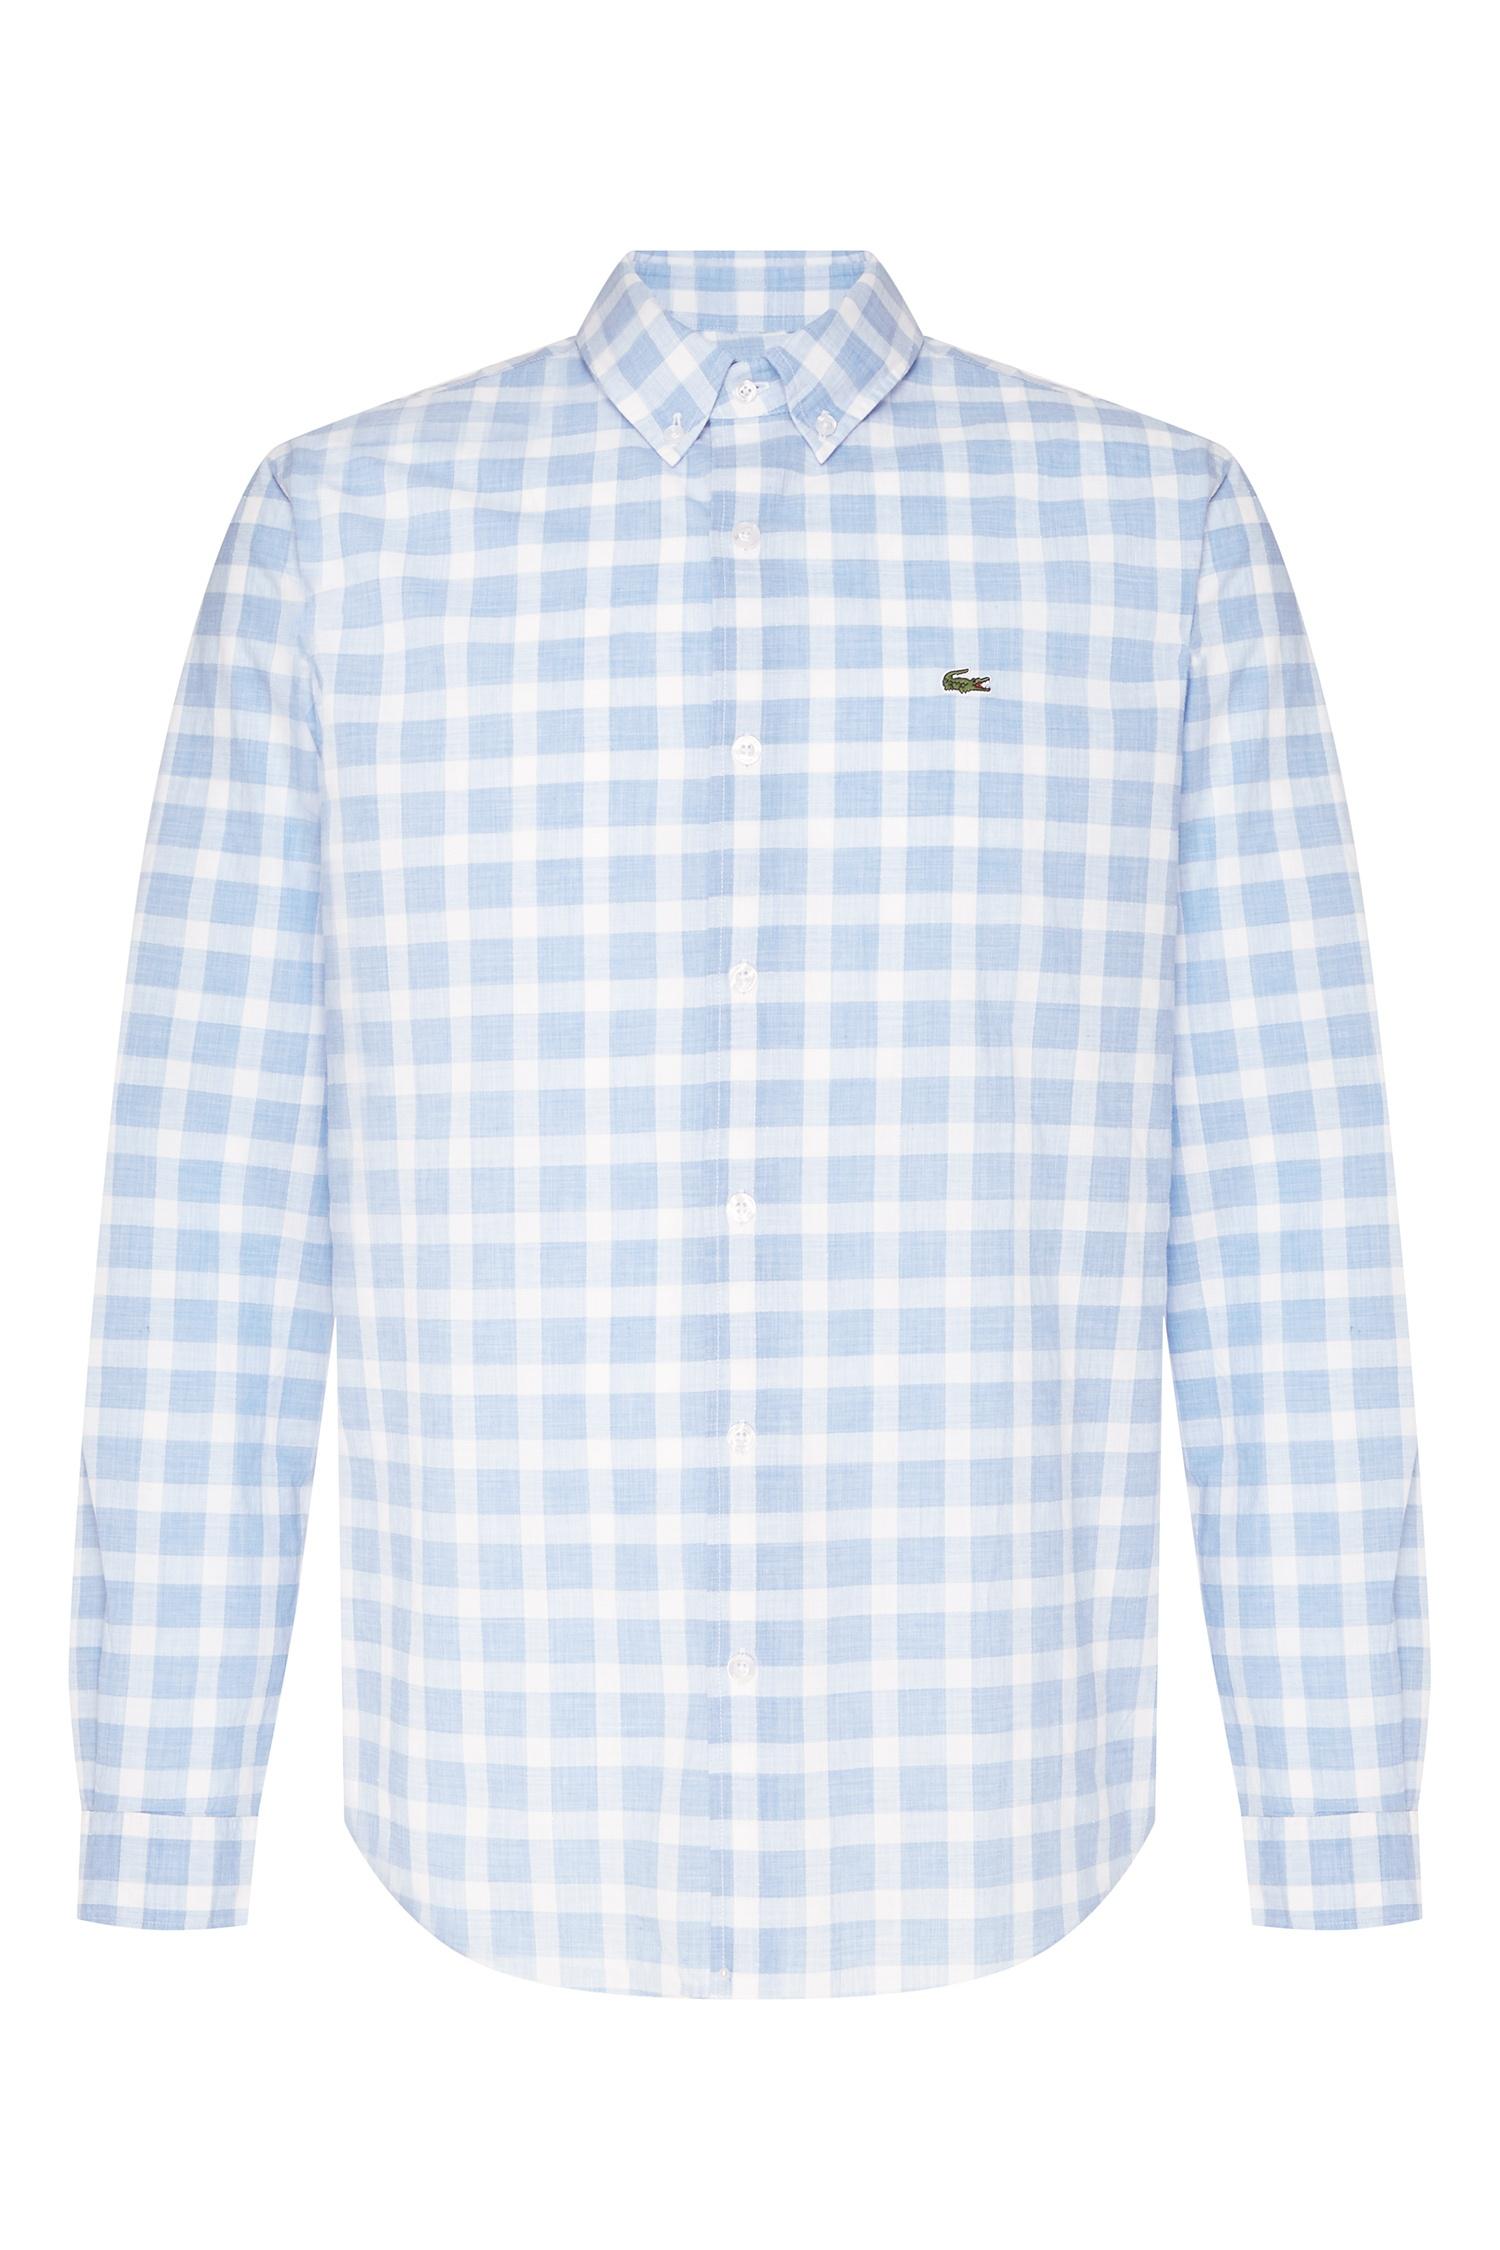 f1ddca03b07 Рубашка в клетку Lacoste – купить в интернет-магазине в Москве